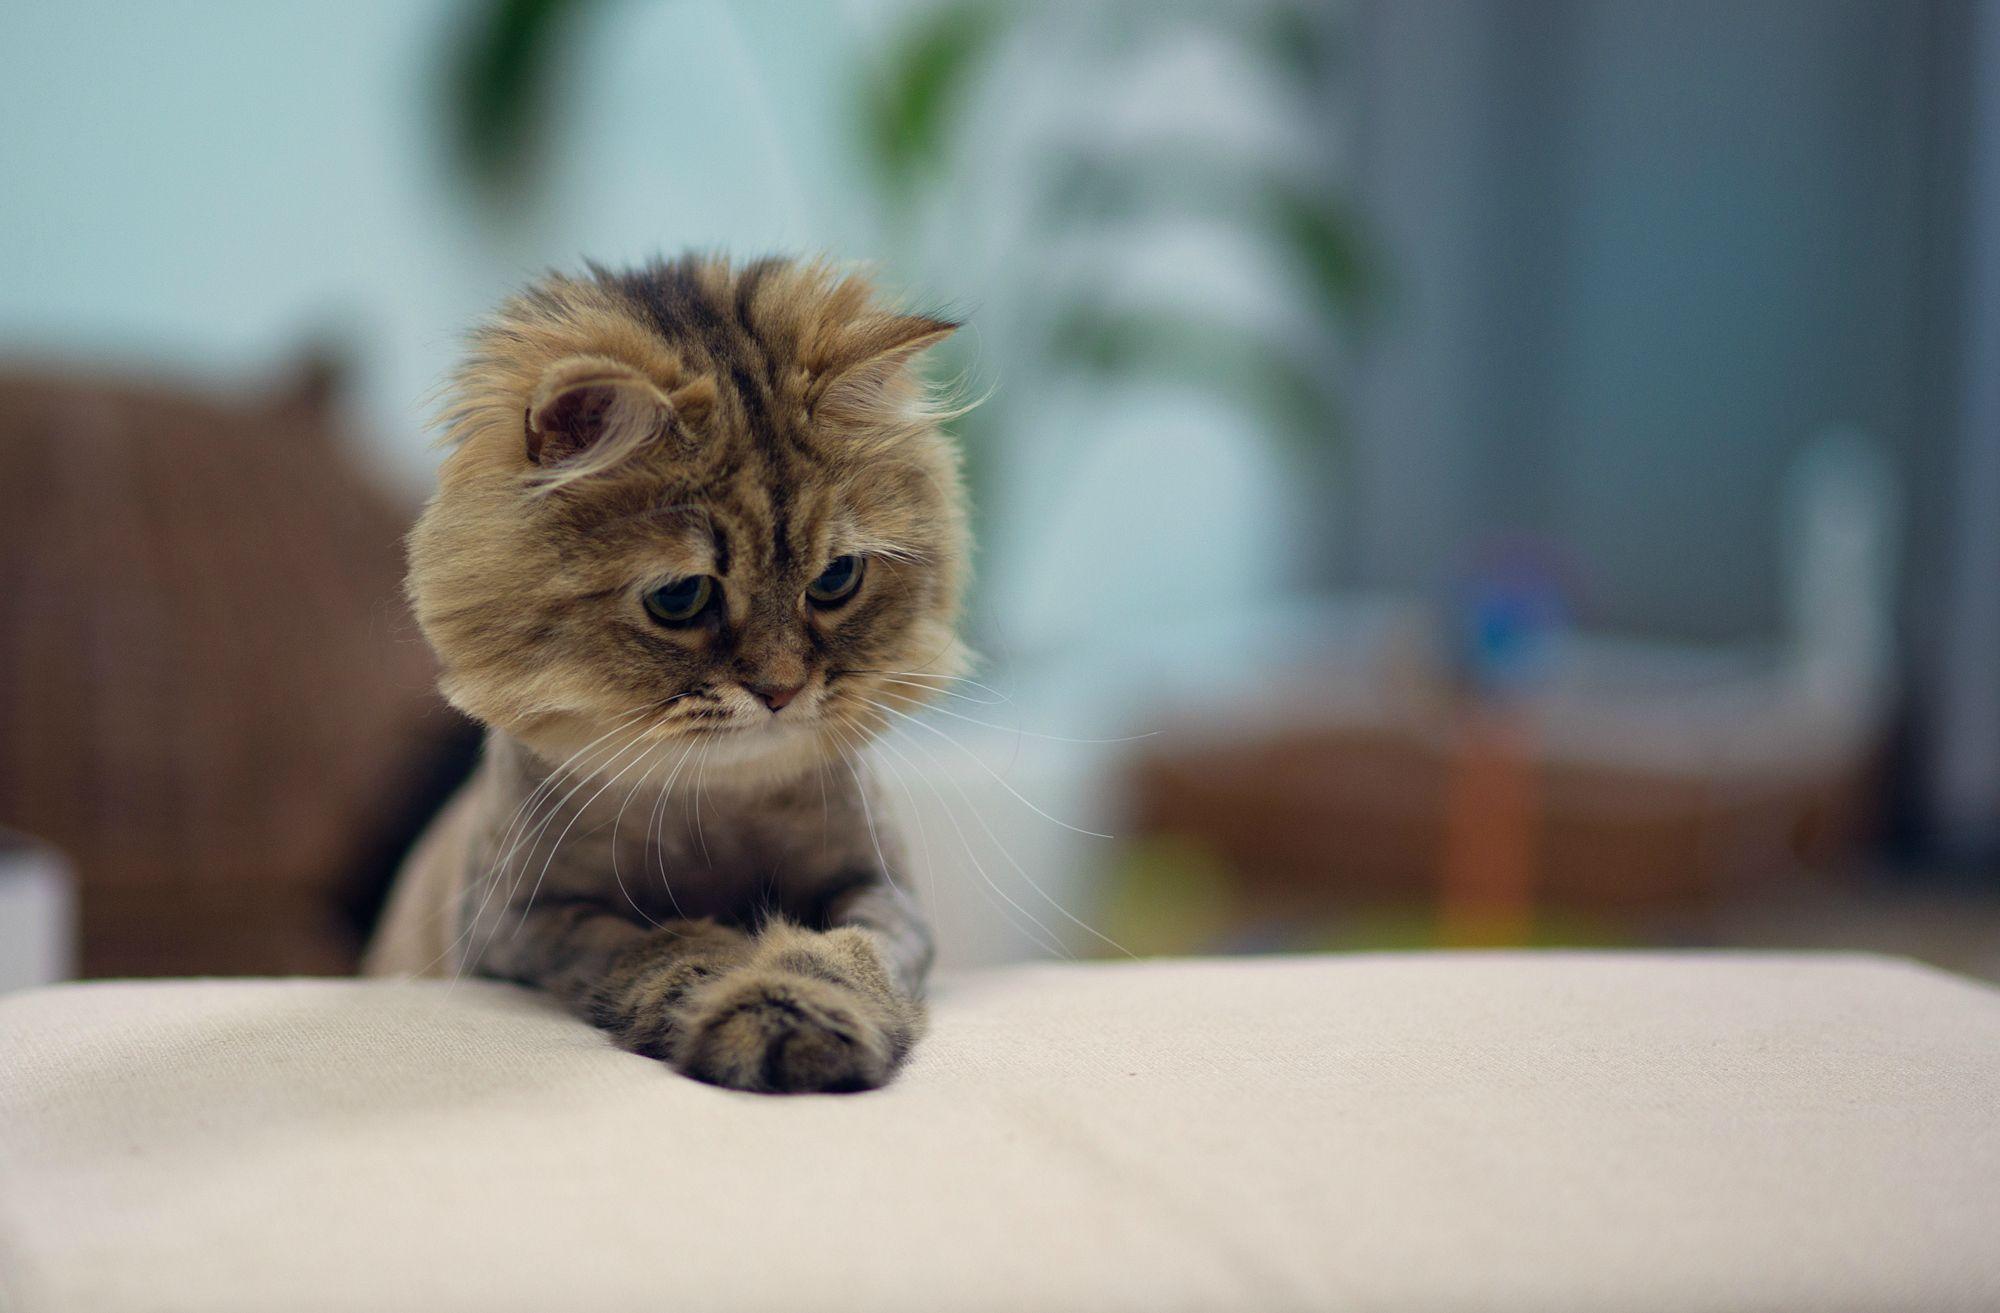 猫の写真-しょんぼり サイトトップへ戻る Sponsored Link  癒しの猫画像館/写真N